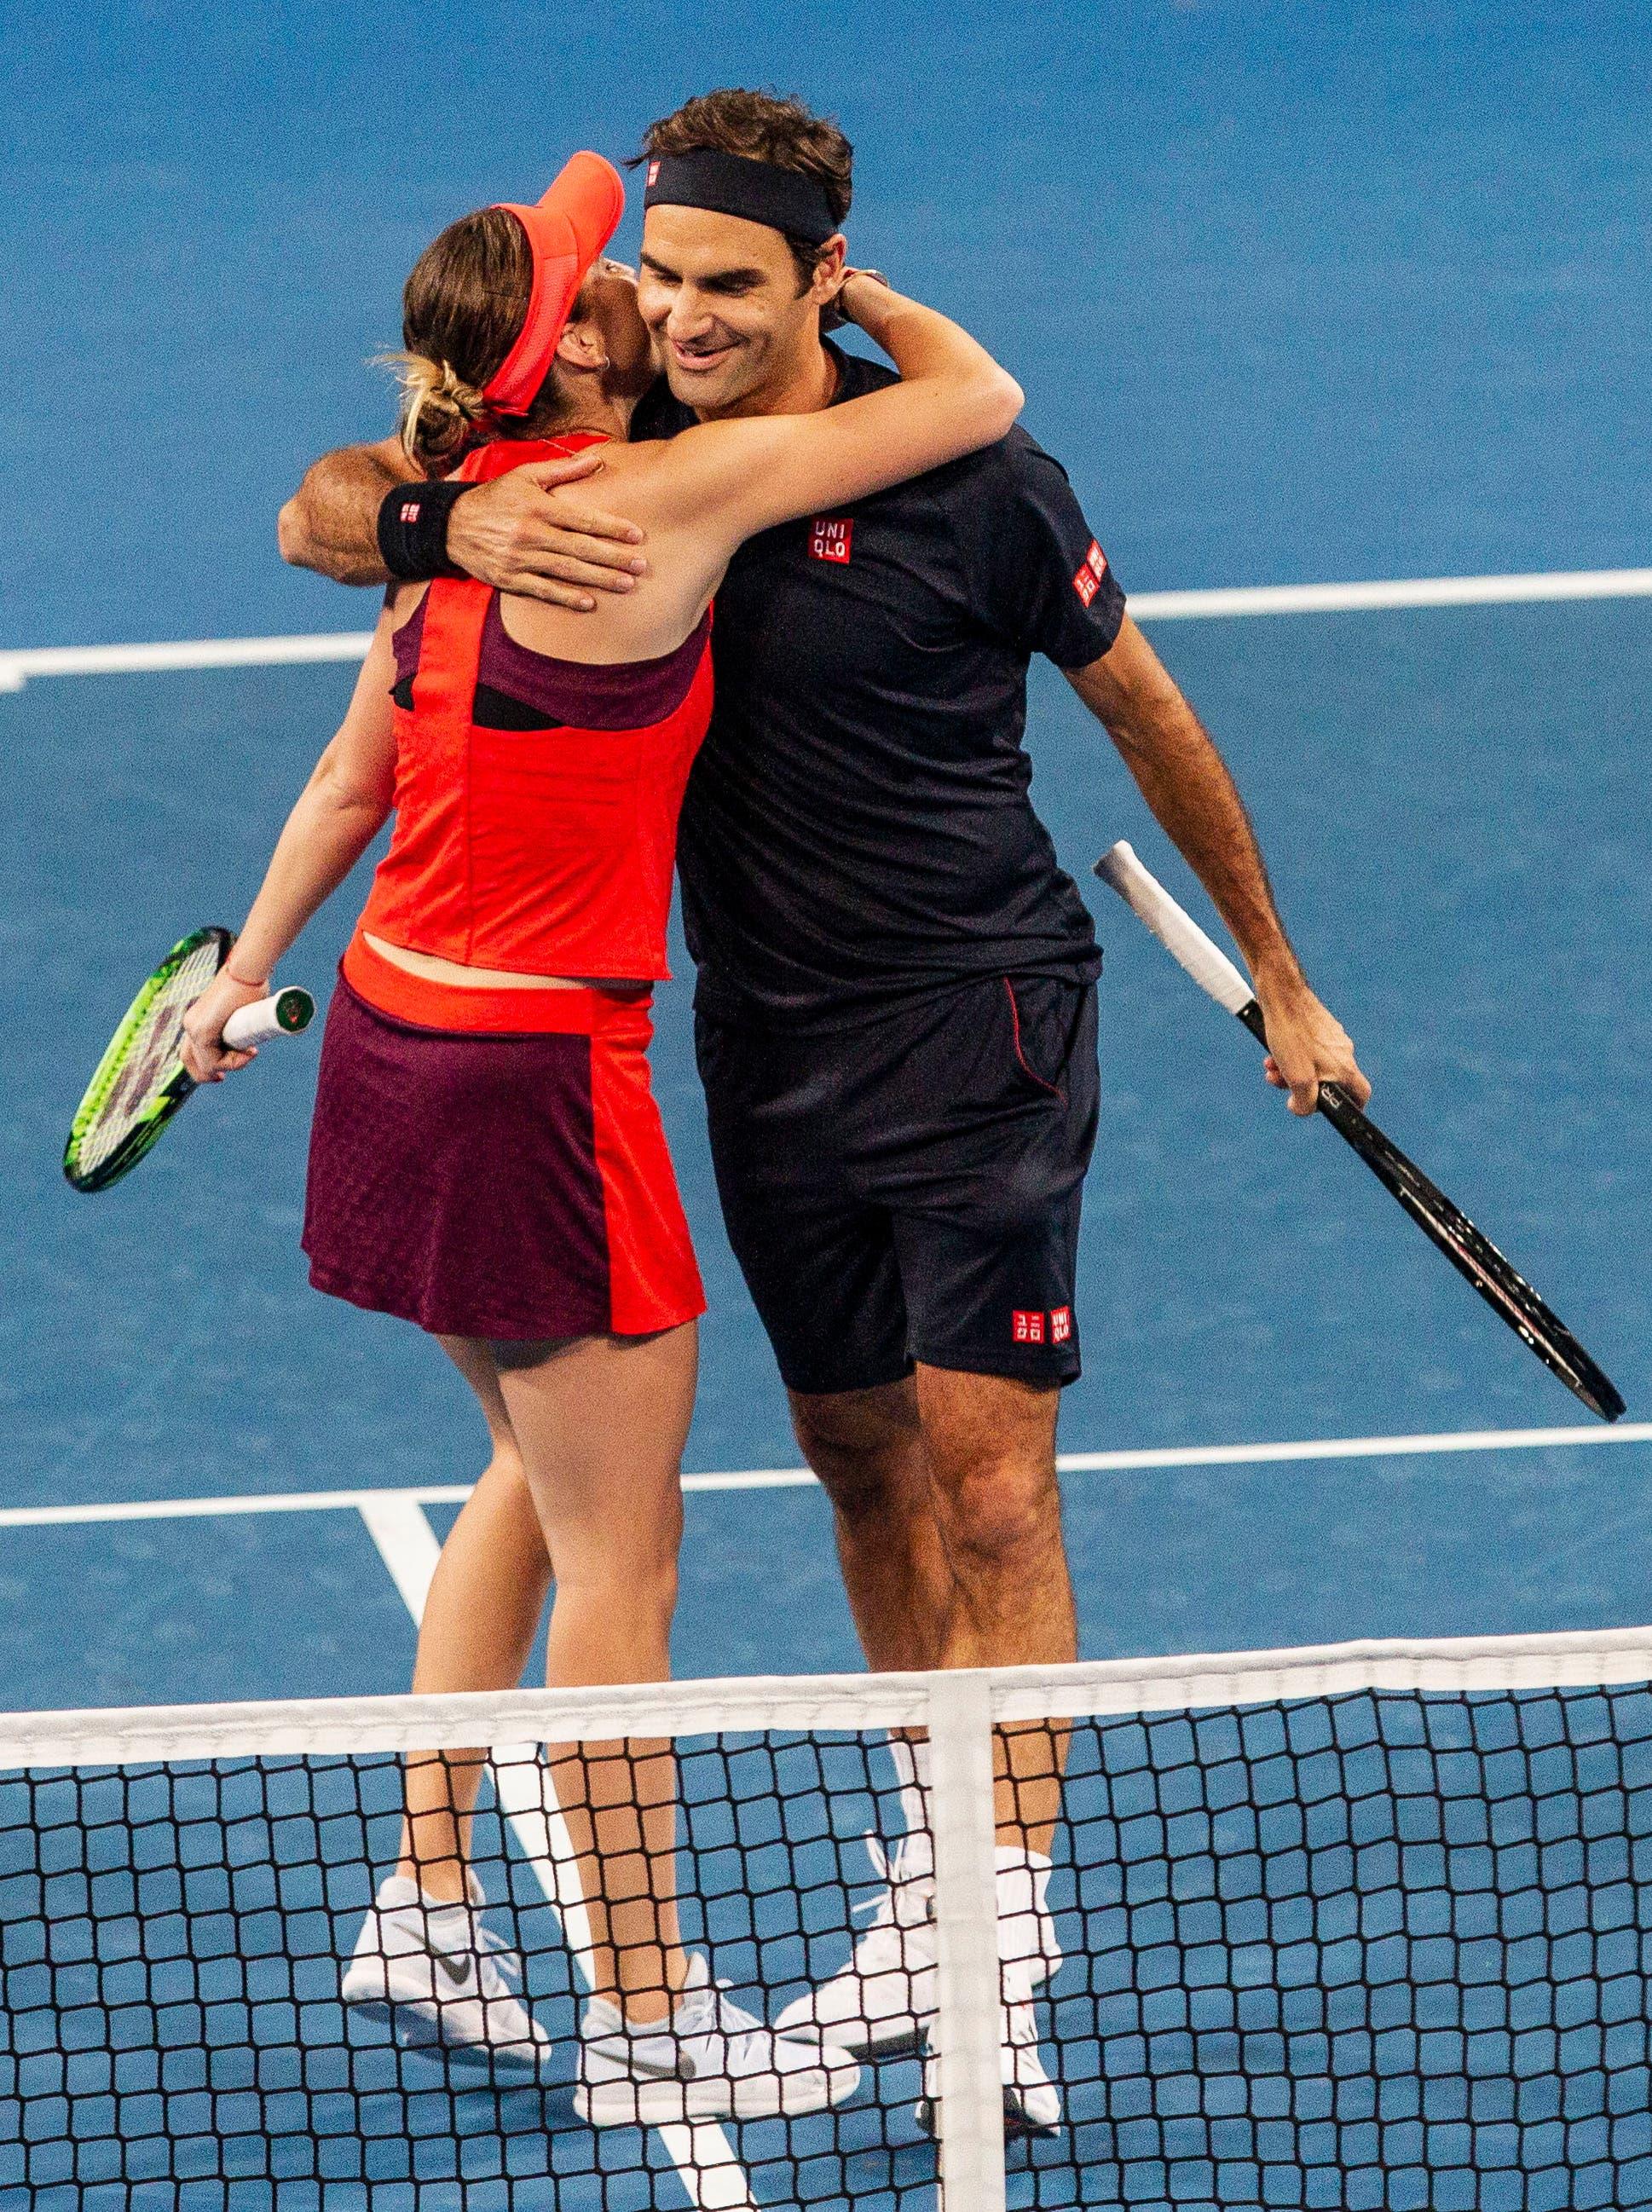 Belinda Bencic and Roger Federer gewinnen auch die Spiele gegen die USA. (Bild: KEYSTONE/AP/TREVOR COLLENS)